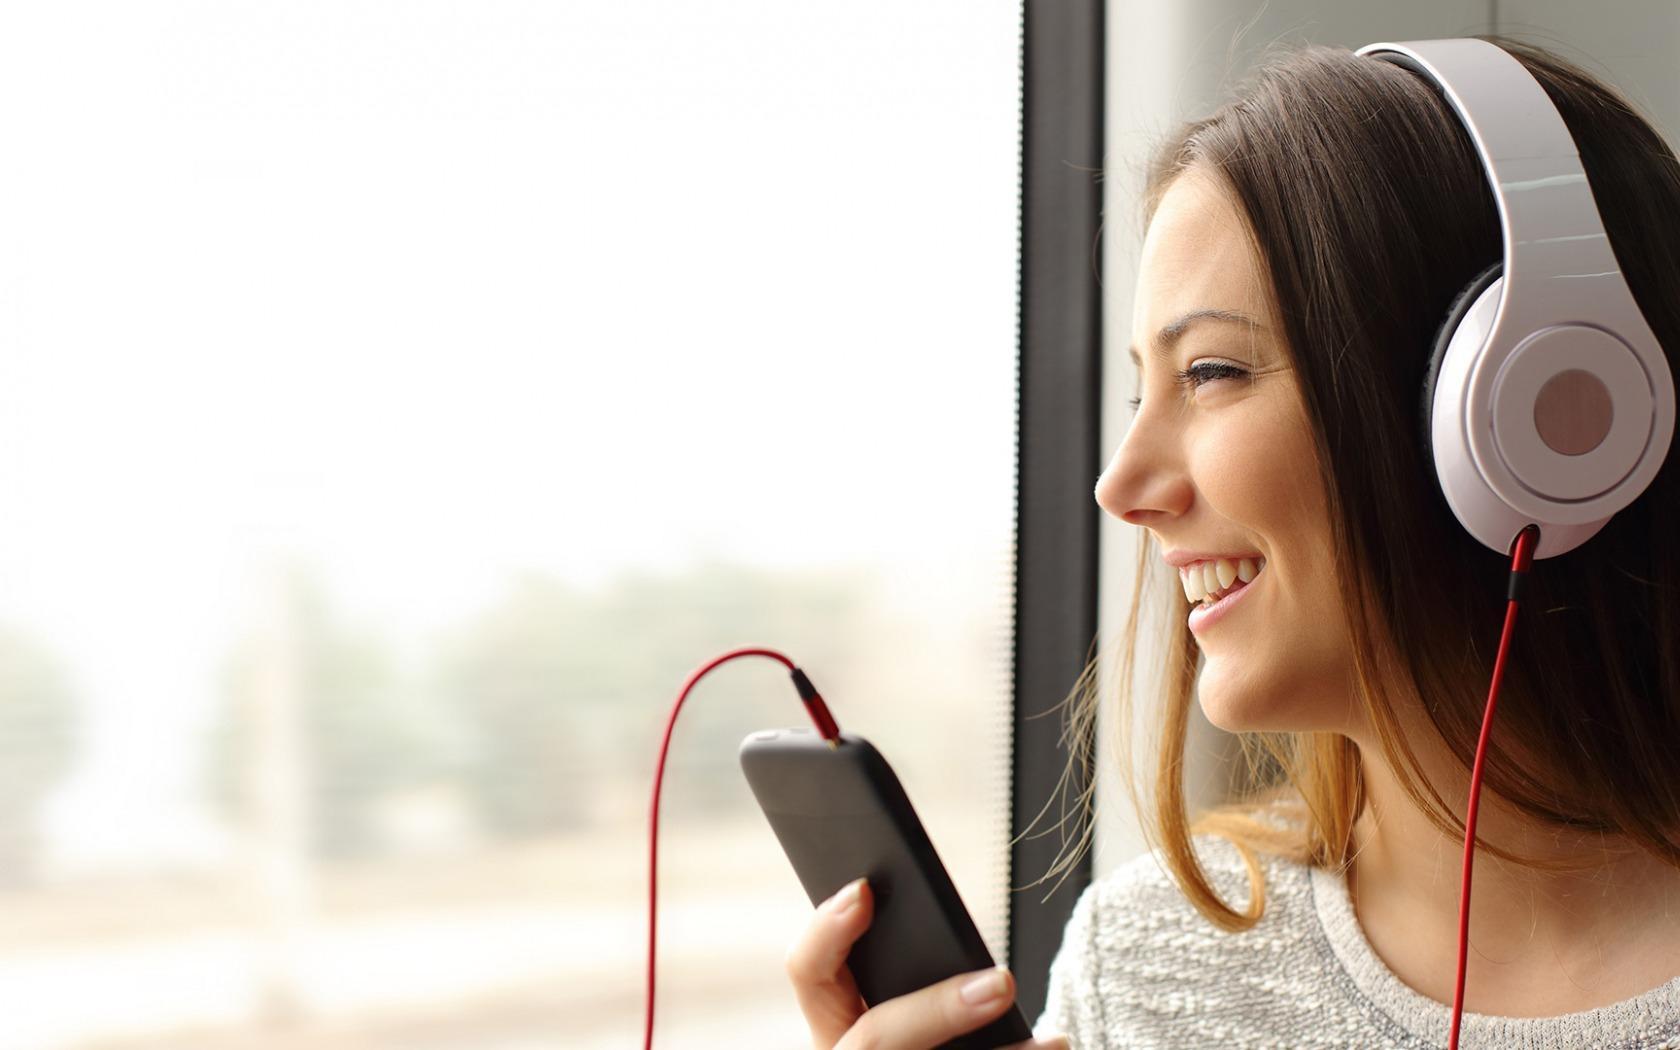 ВОЗ рекомендует слушать музыку не дольше одного часа в день